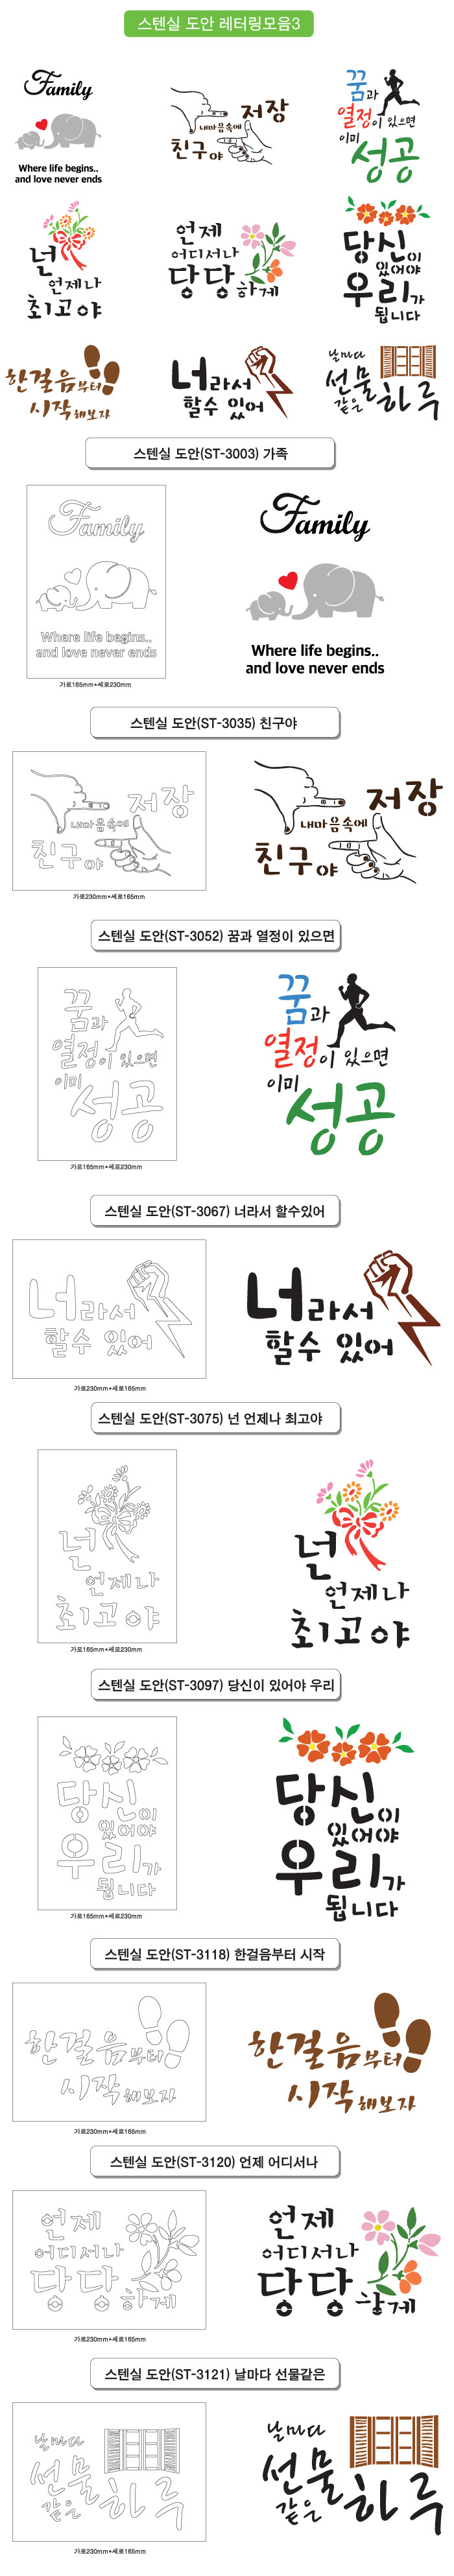 스텐실 도안 레터링 문구 모음3 - 대문닷컴, 3,800원, 스텐실, 스텐실도안